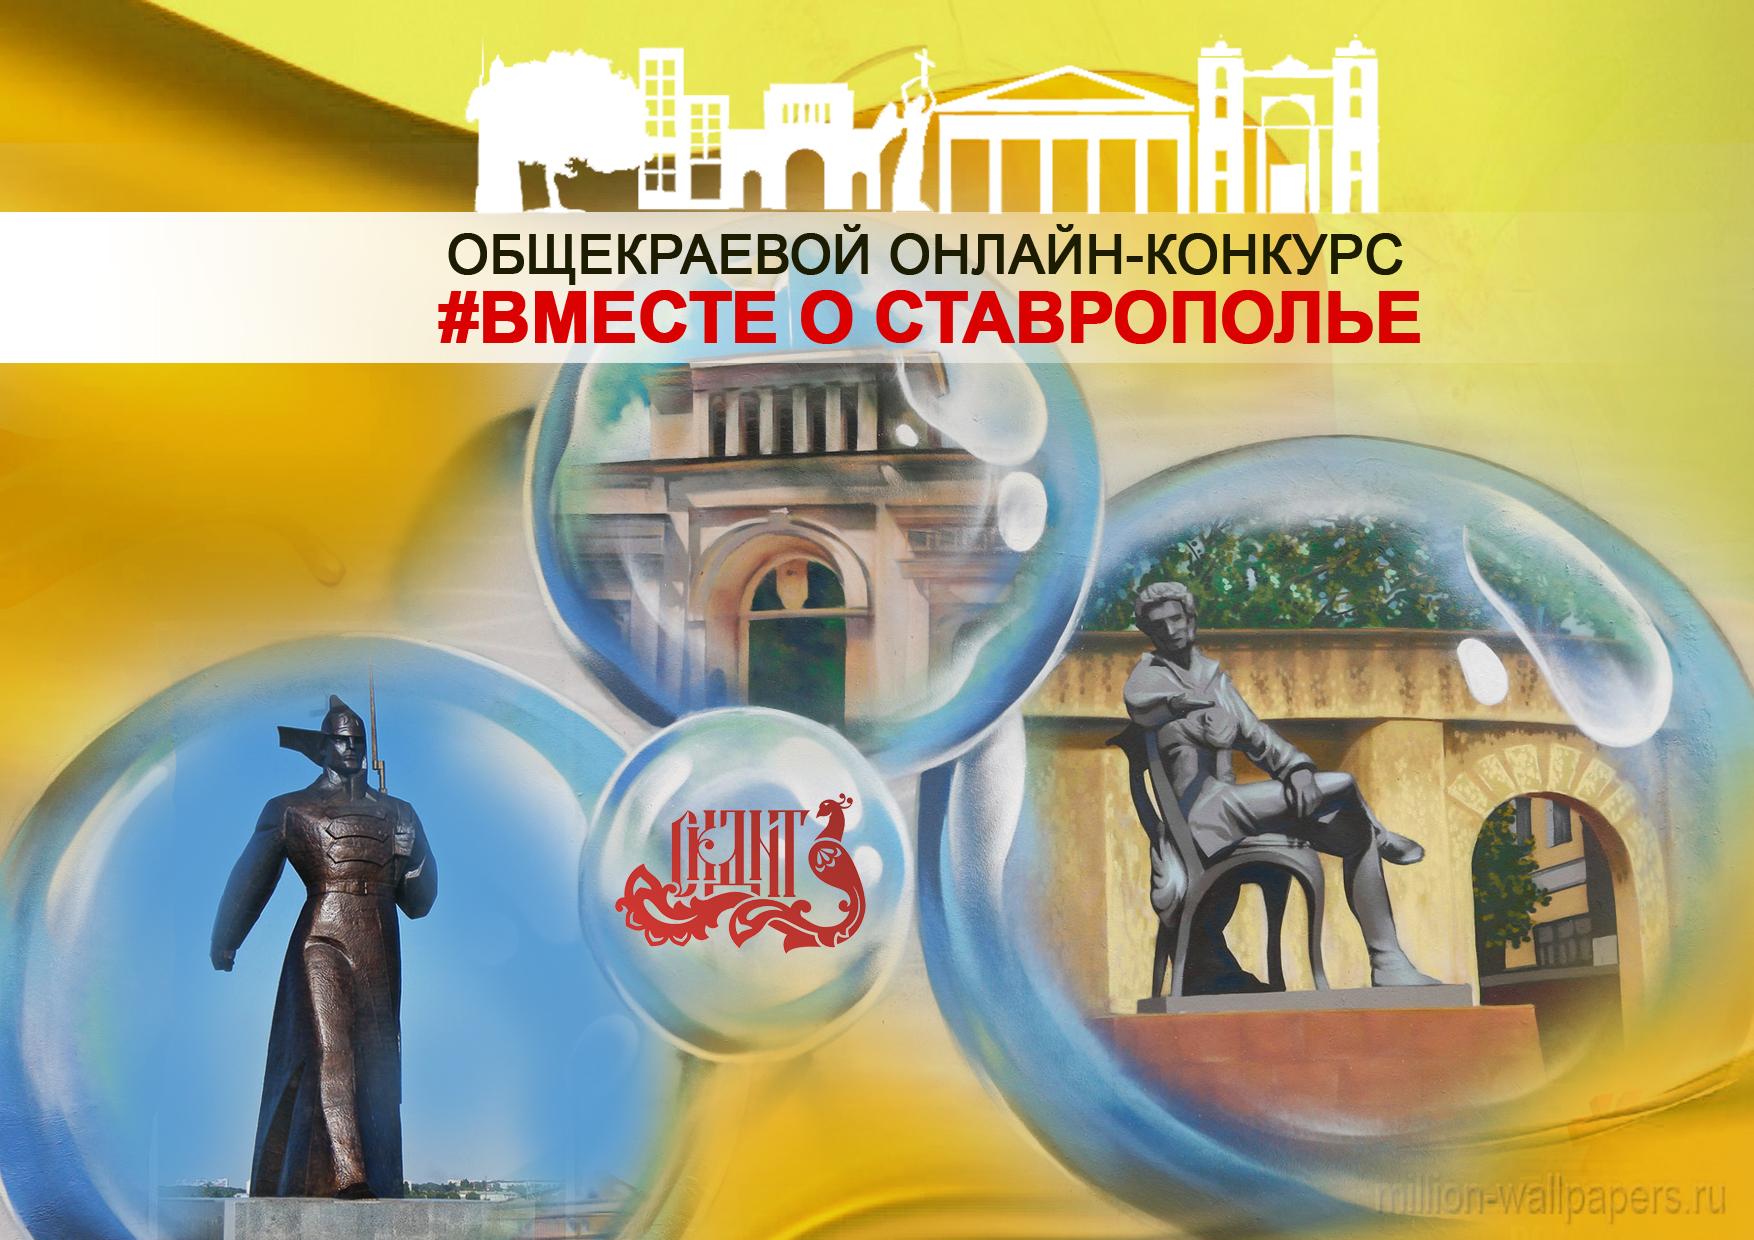 Подведение итогов общекраевого онлайн конкурса «#Вместе_о_Ставрополье»